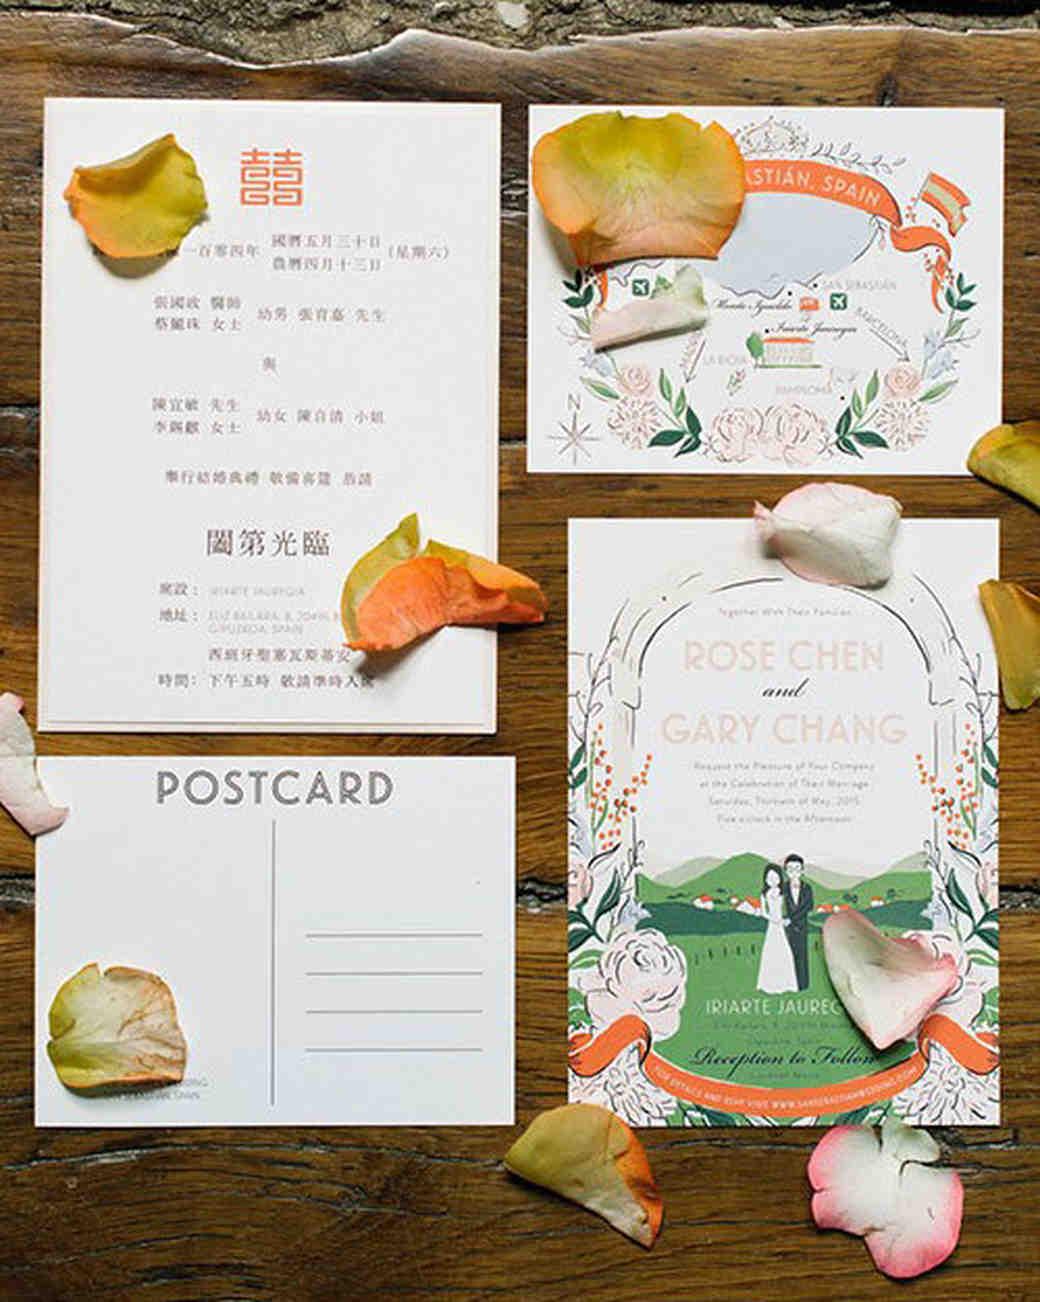 postcard invites ana lui